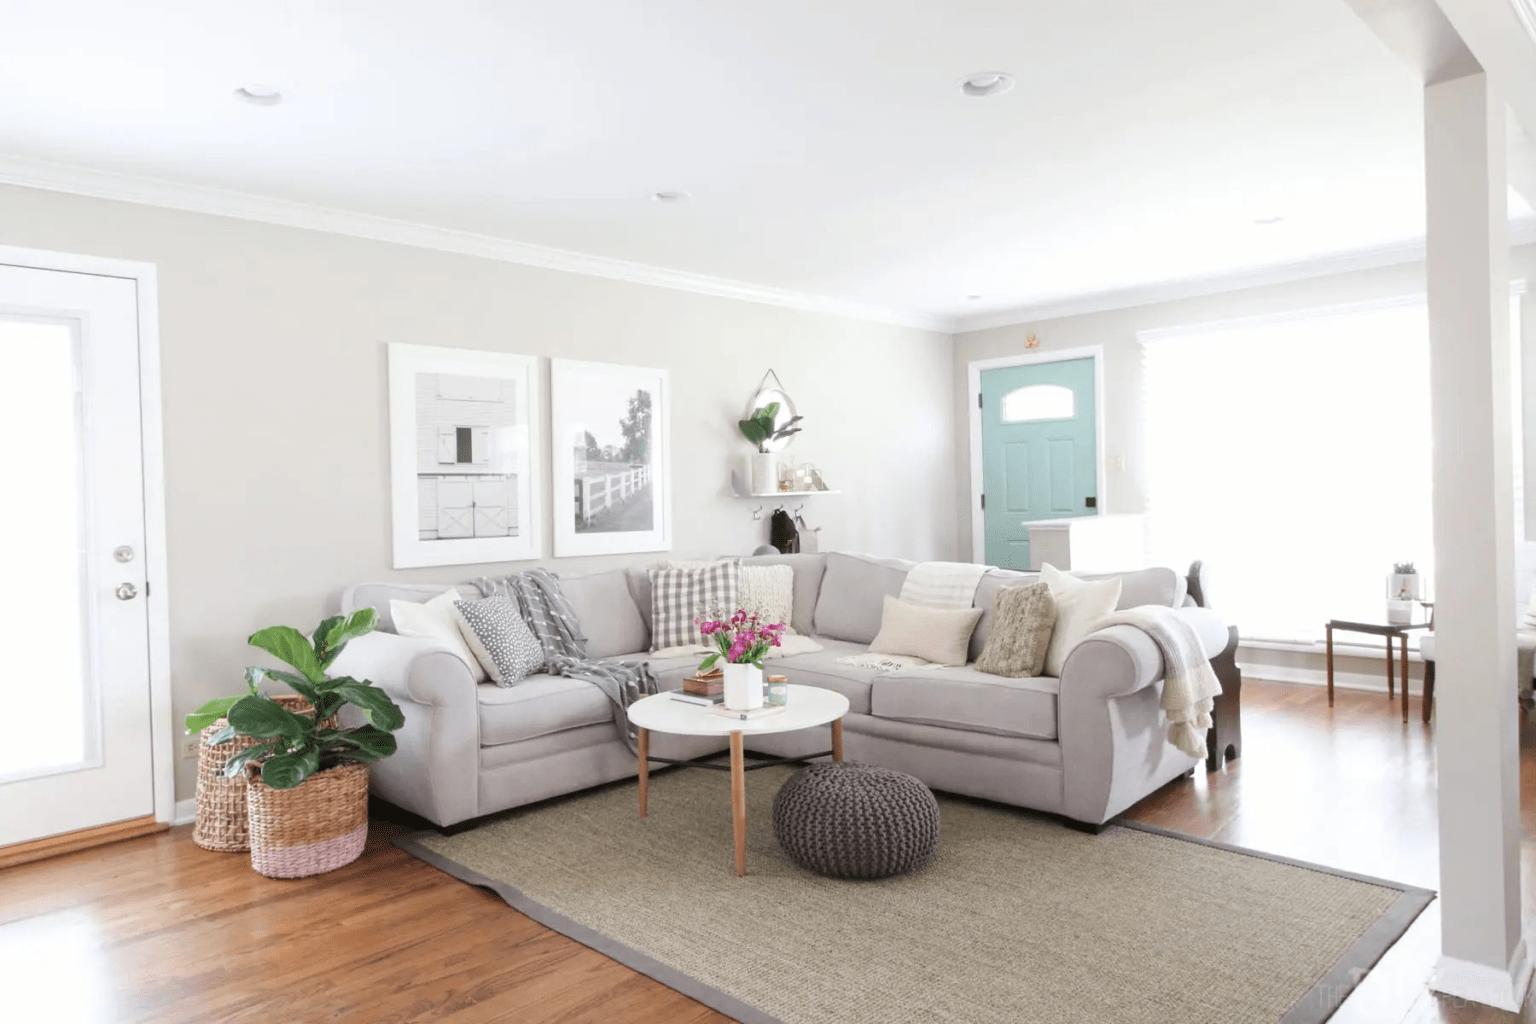 Thảm trải phòng khách sai kích thước khiến căn phòng trông nhếch nhác, đơn điệu.